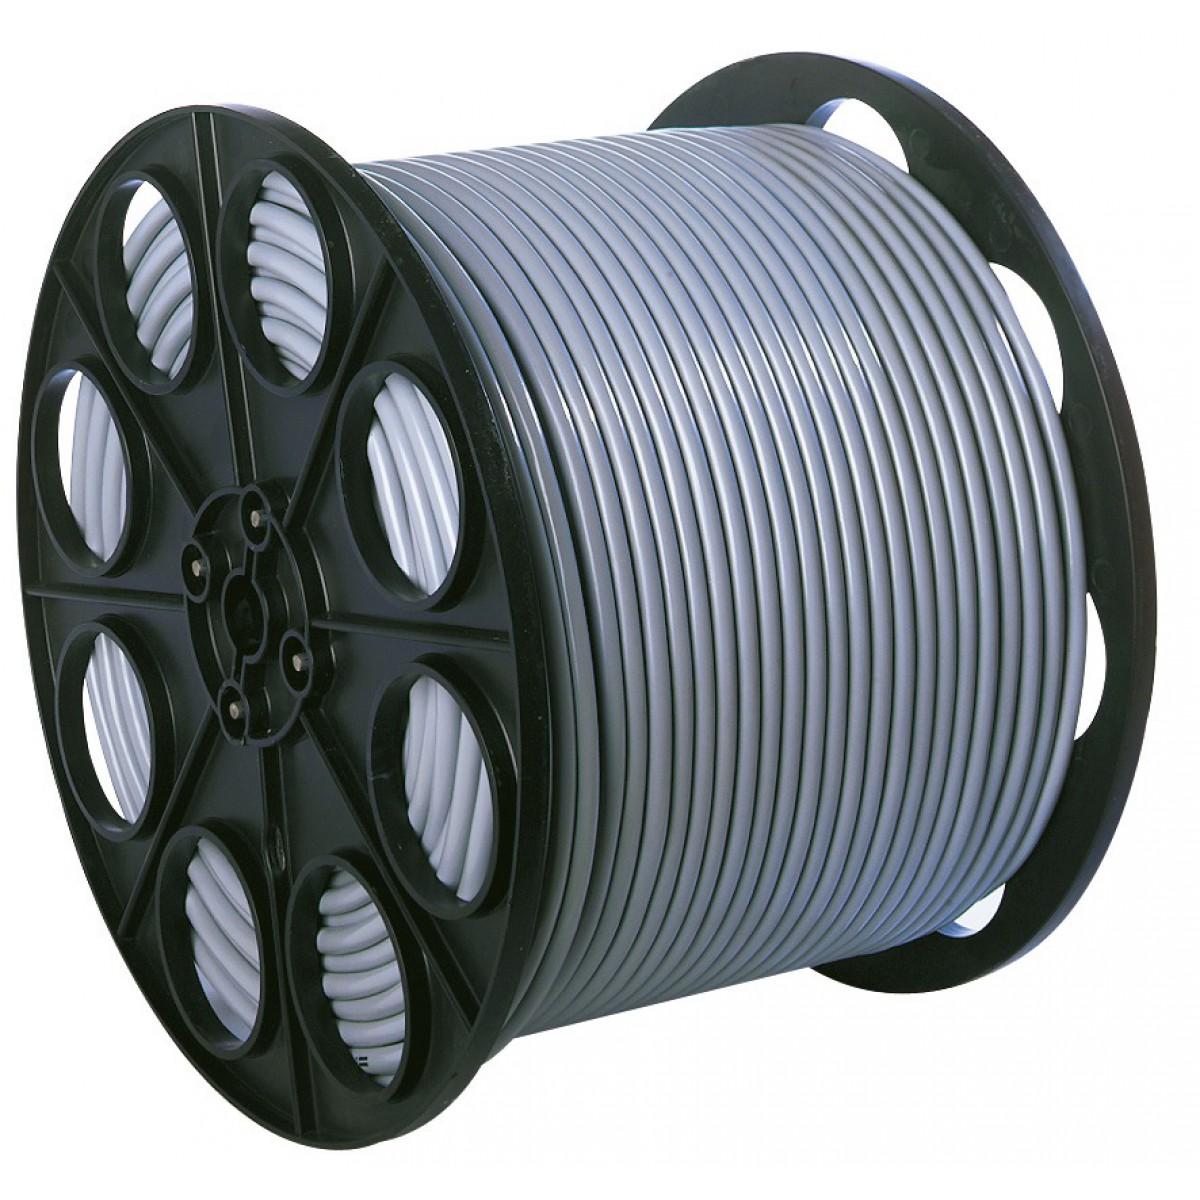 Câble H05 VV-F mètré 1,5 mm² Dhome - Touret - Gris - Longueur 400 m